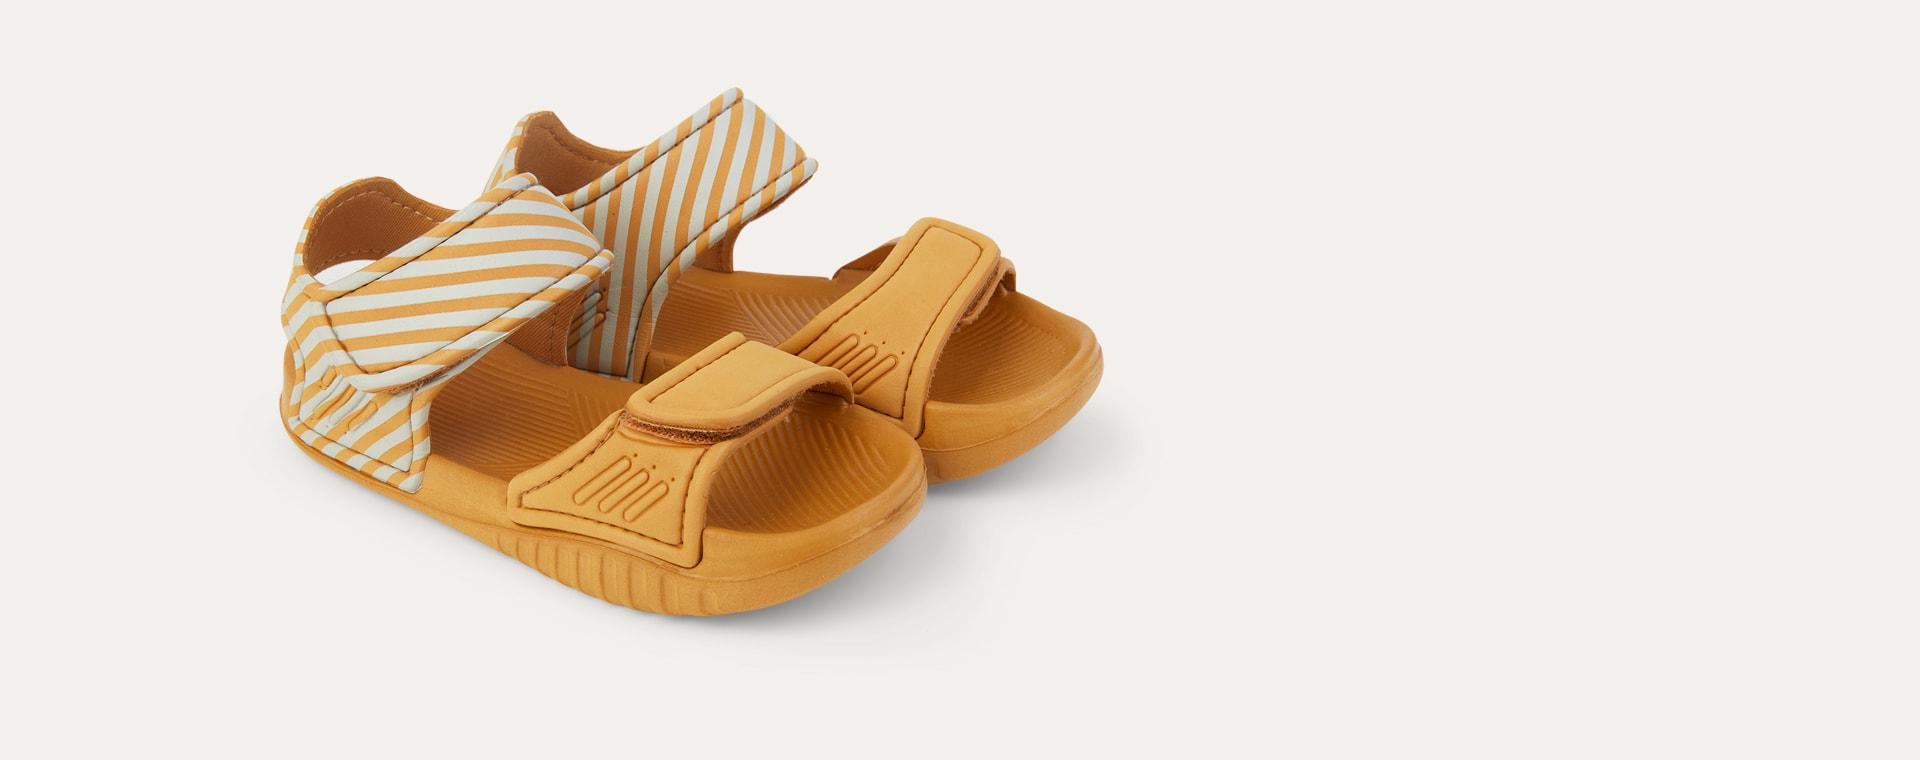 Stripe: Mustard/sandy Liewood Blumer Sandals